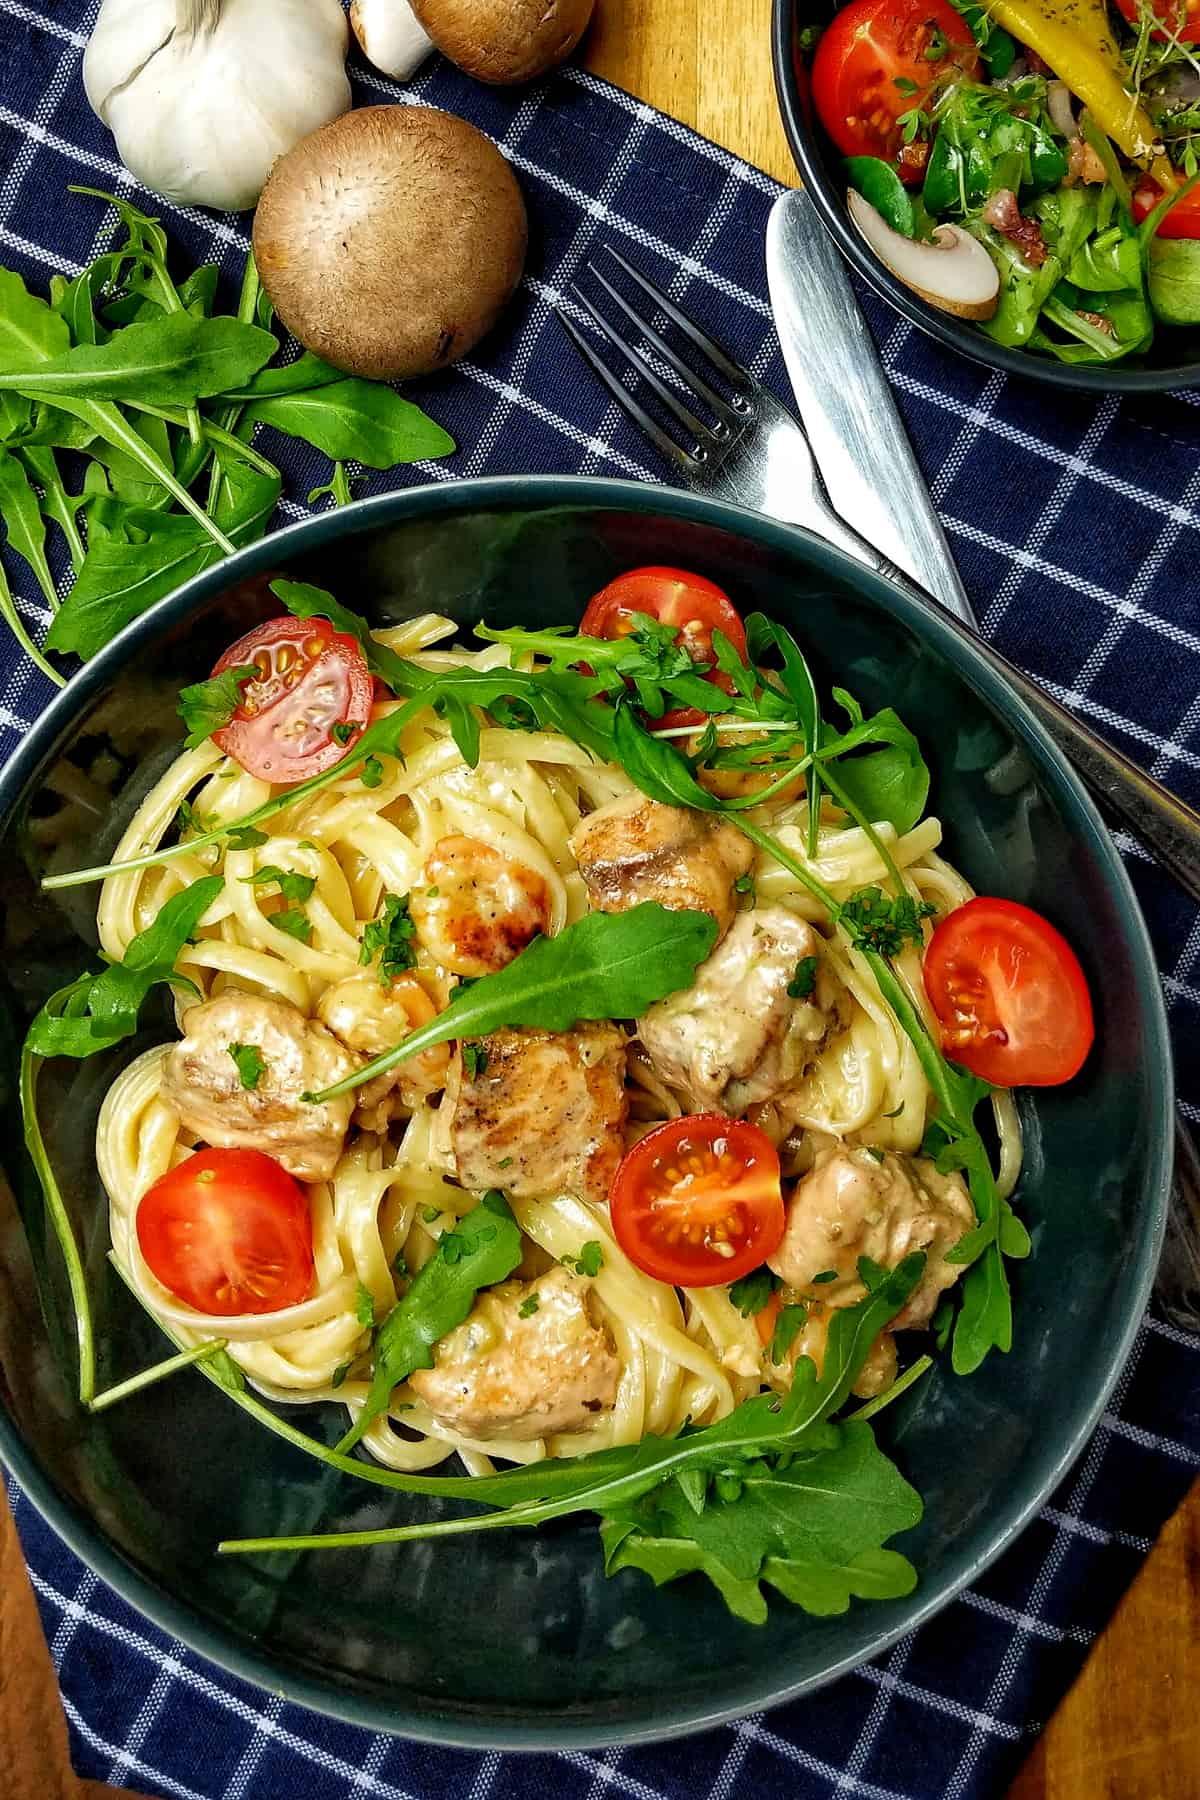 Ein dunkler Teller mit Tagliatelle mit Lachs und Scampi in Parmesan-Rahmsoße.